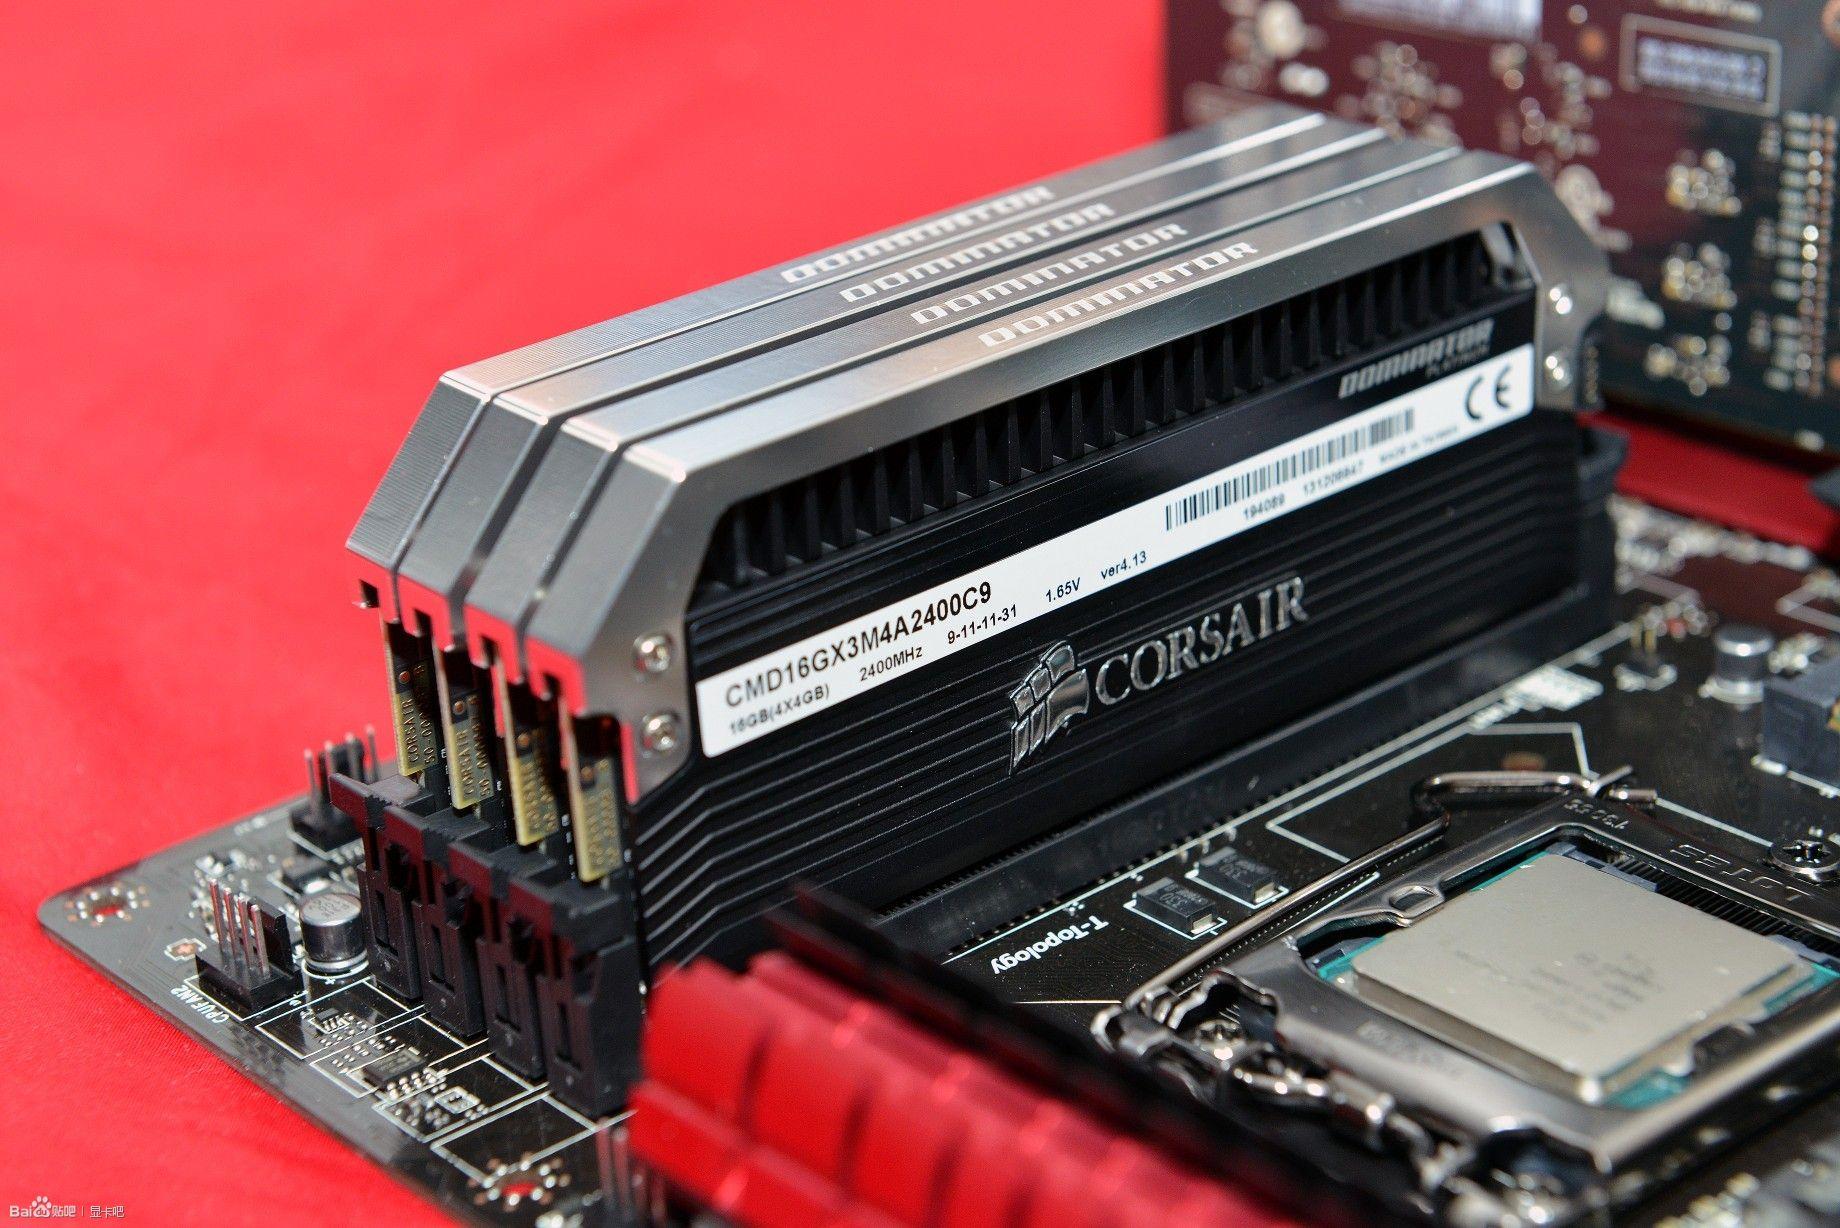 MSI Z87 G45 Gaming